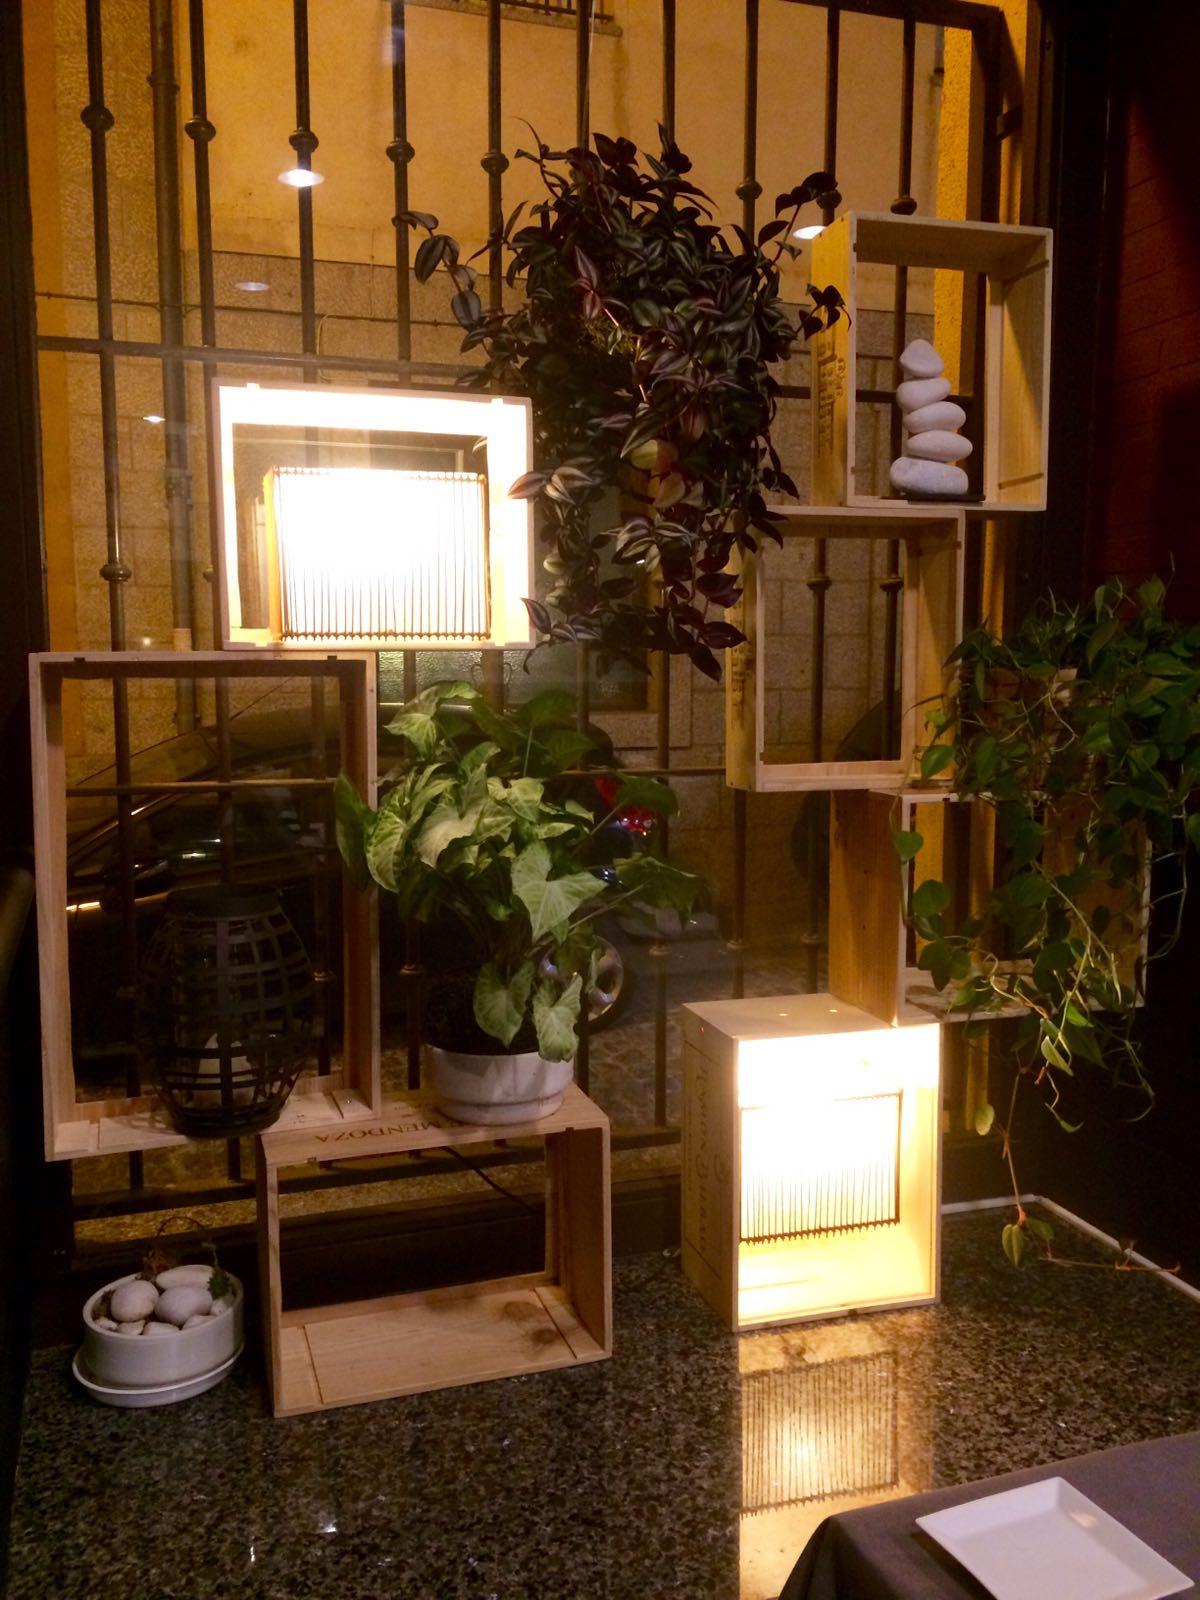 Restauracion y decoracion de madera cocodamas for Decoracion baules madera